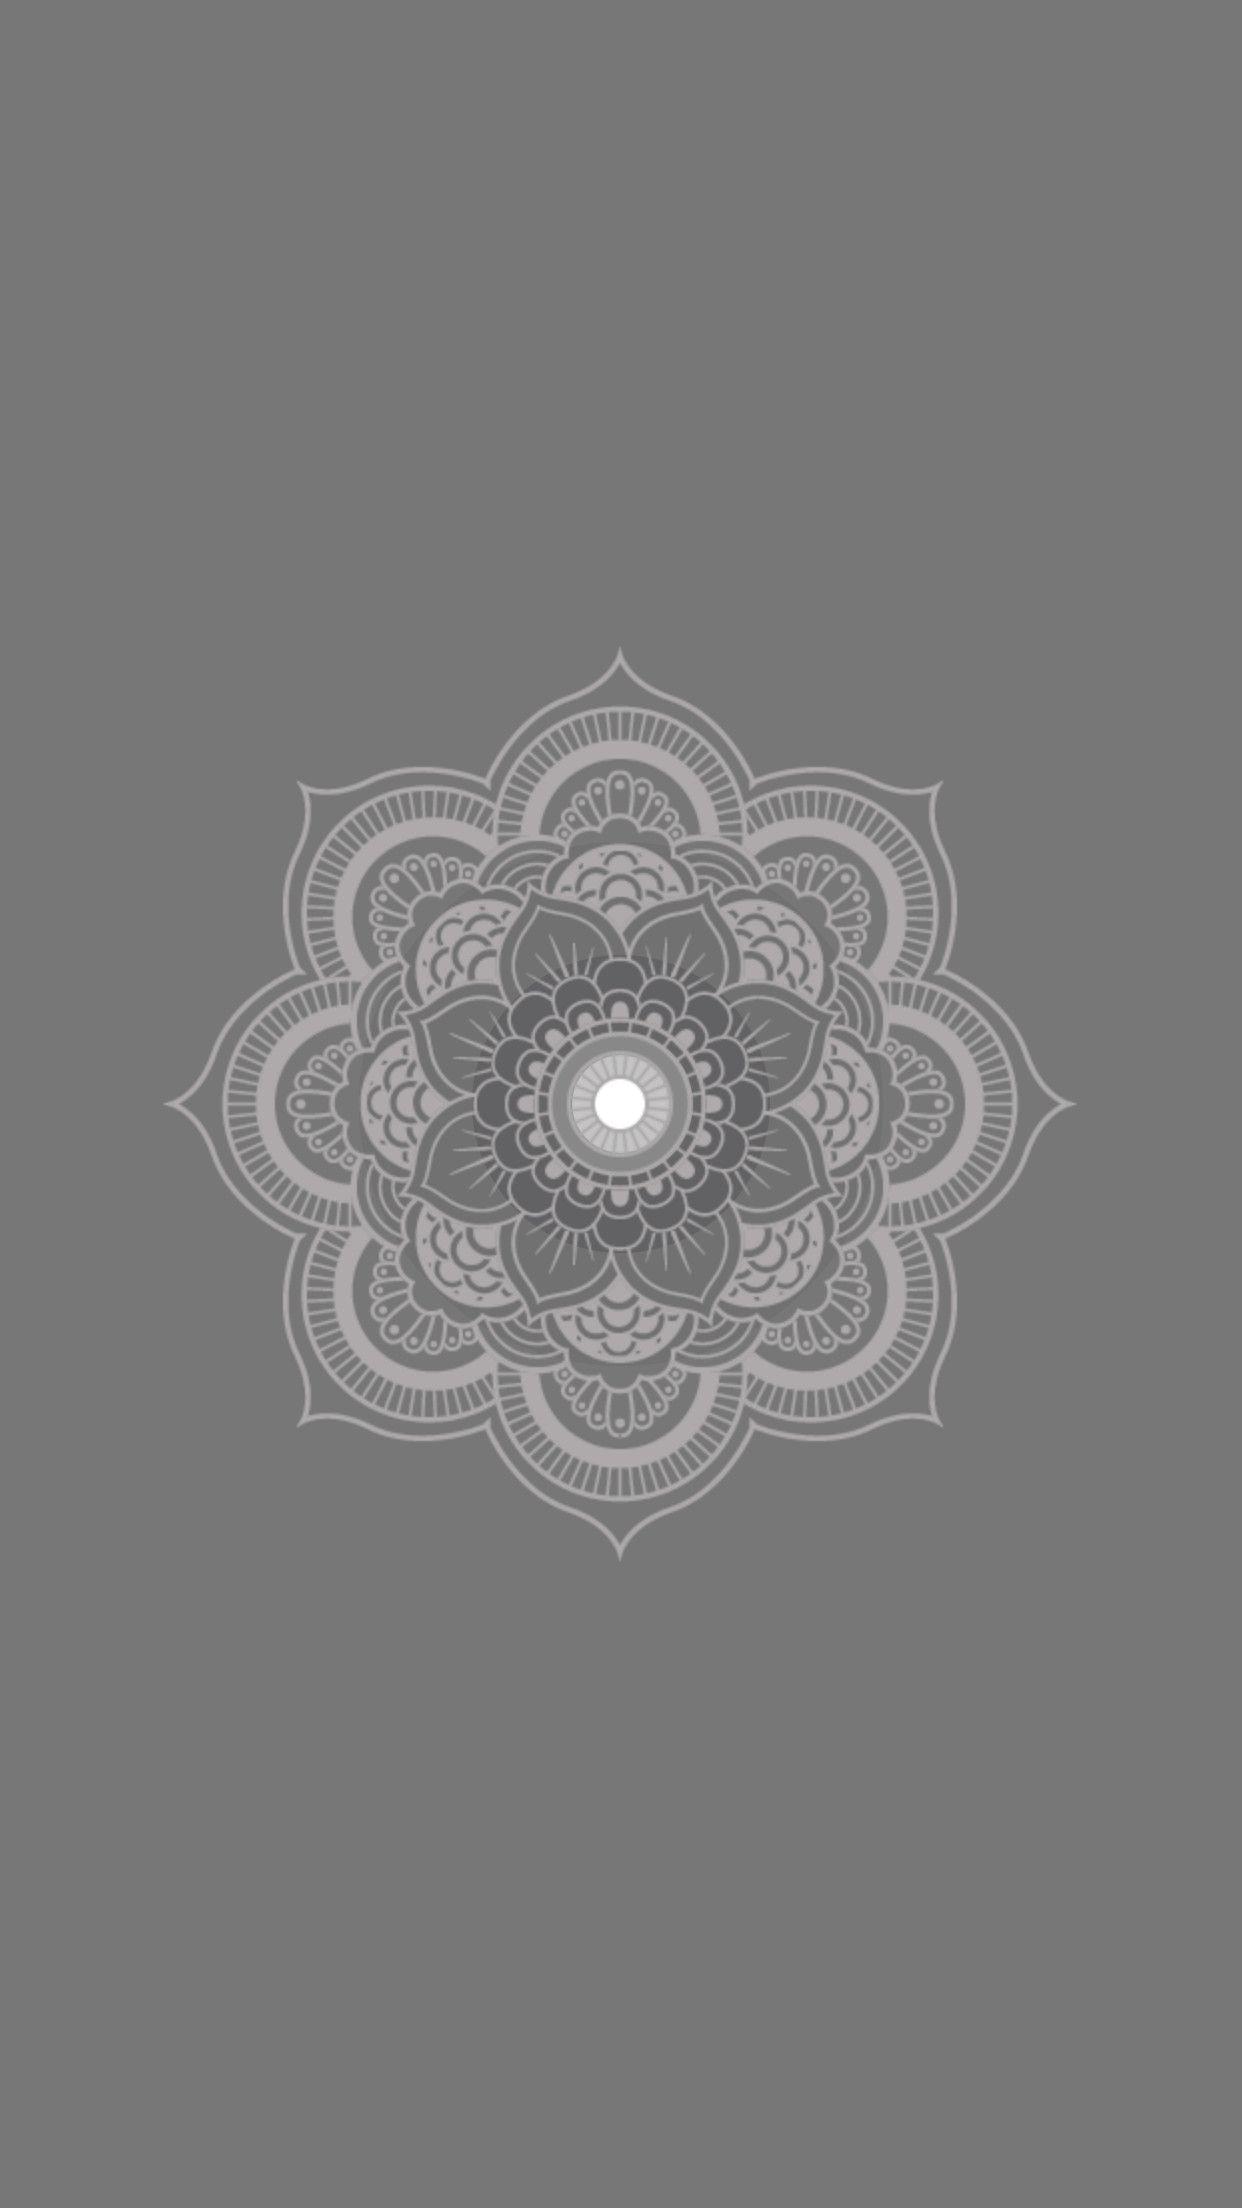 1242x2208 Hình nền Mandala.  thứ trong năm 2019. Điện thoại di động